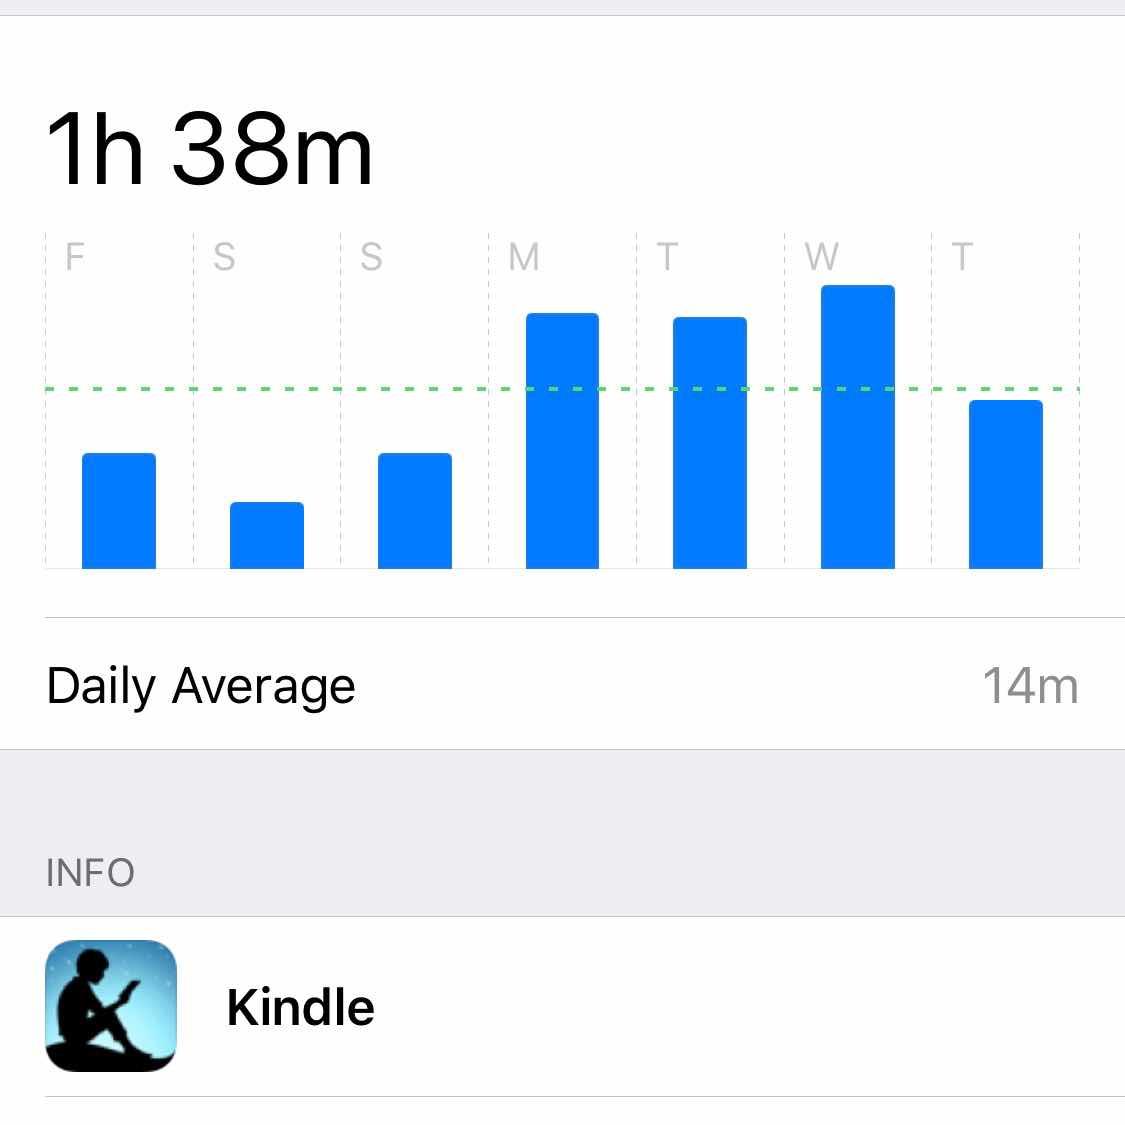 Weekly Kindle Usage